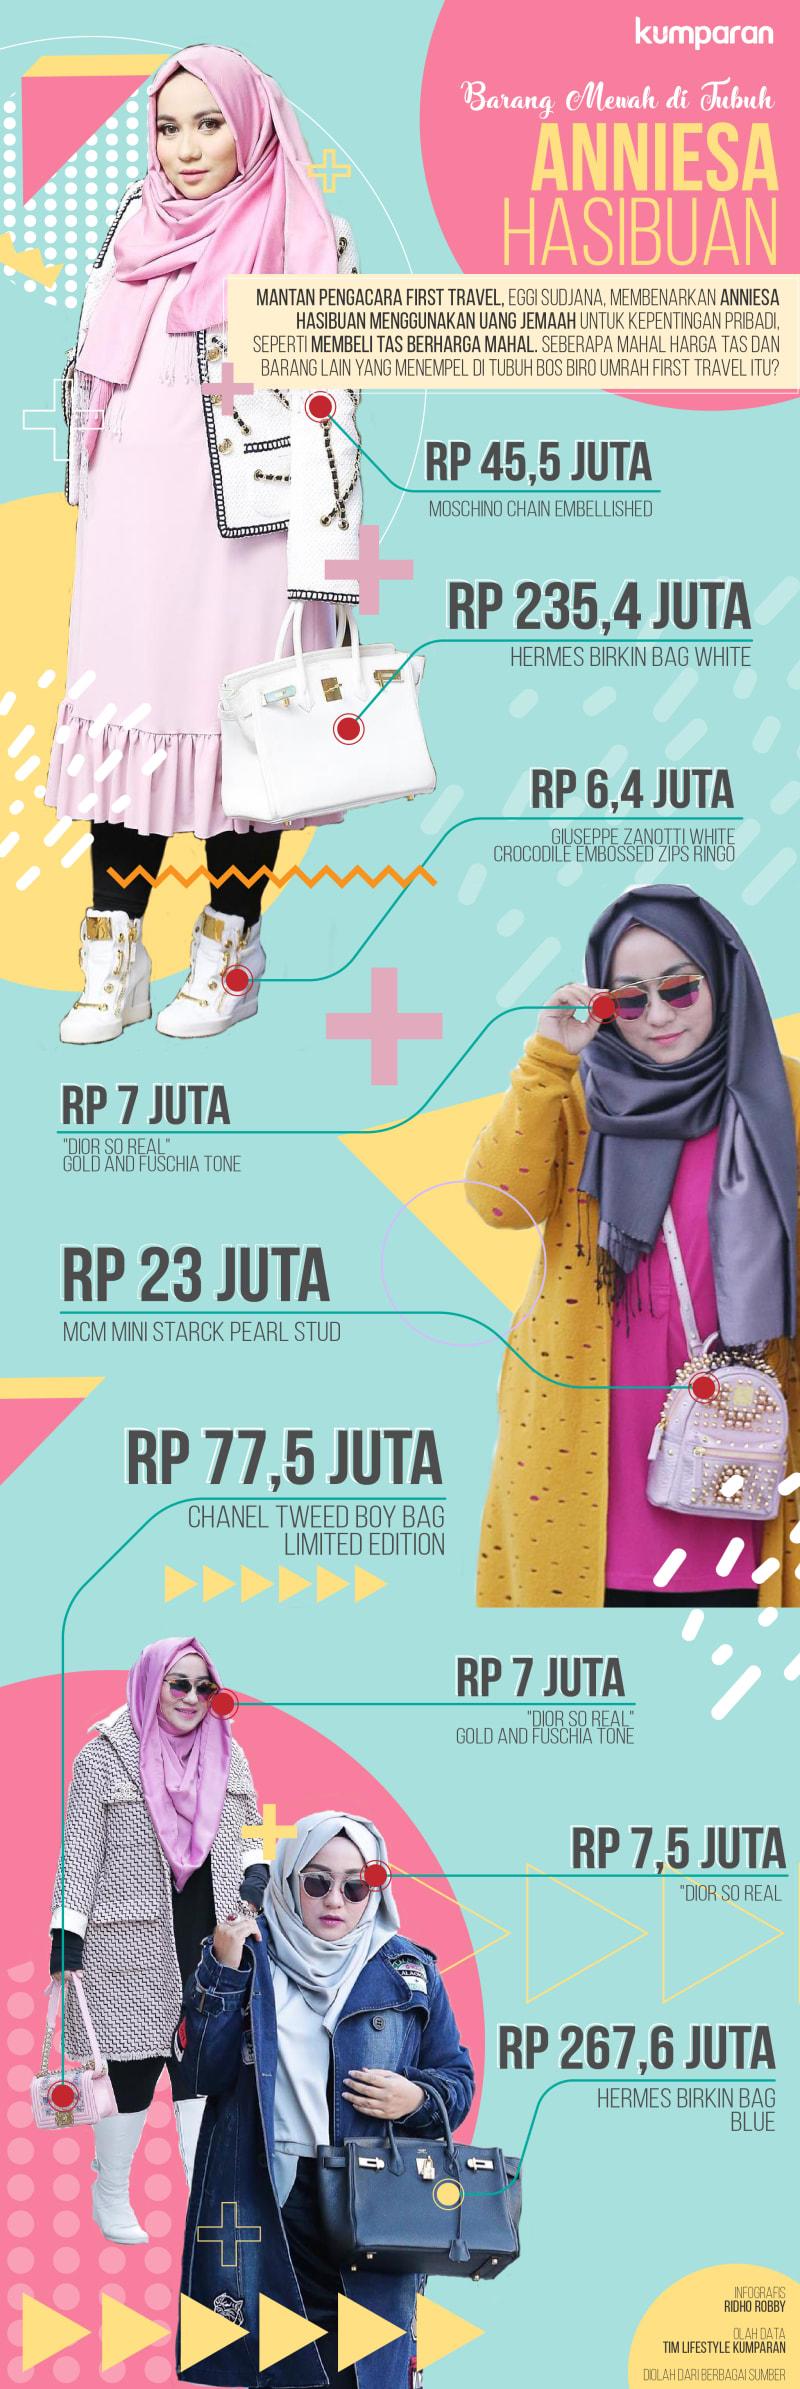 Infografis barang mewah Anniesa Hasibuan